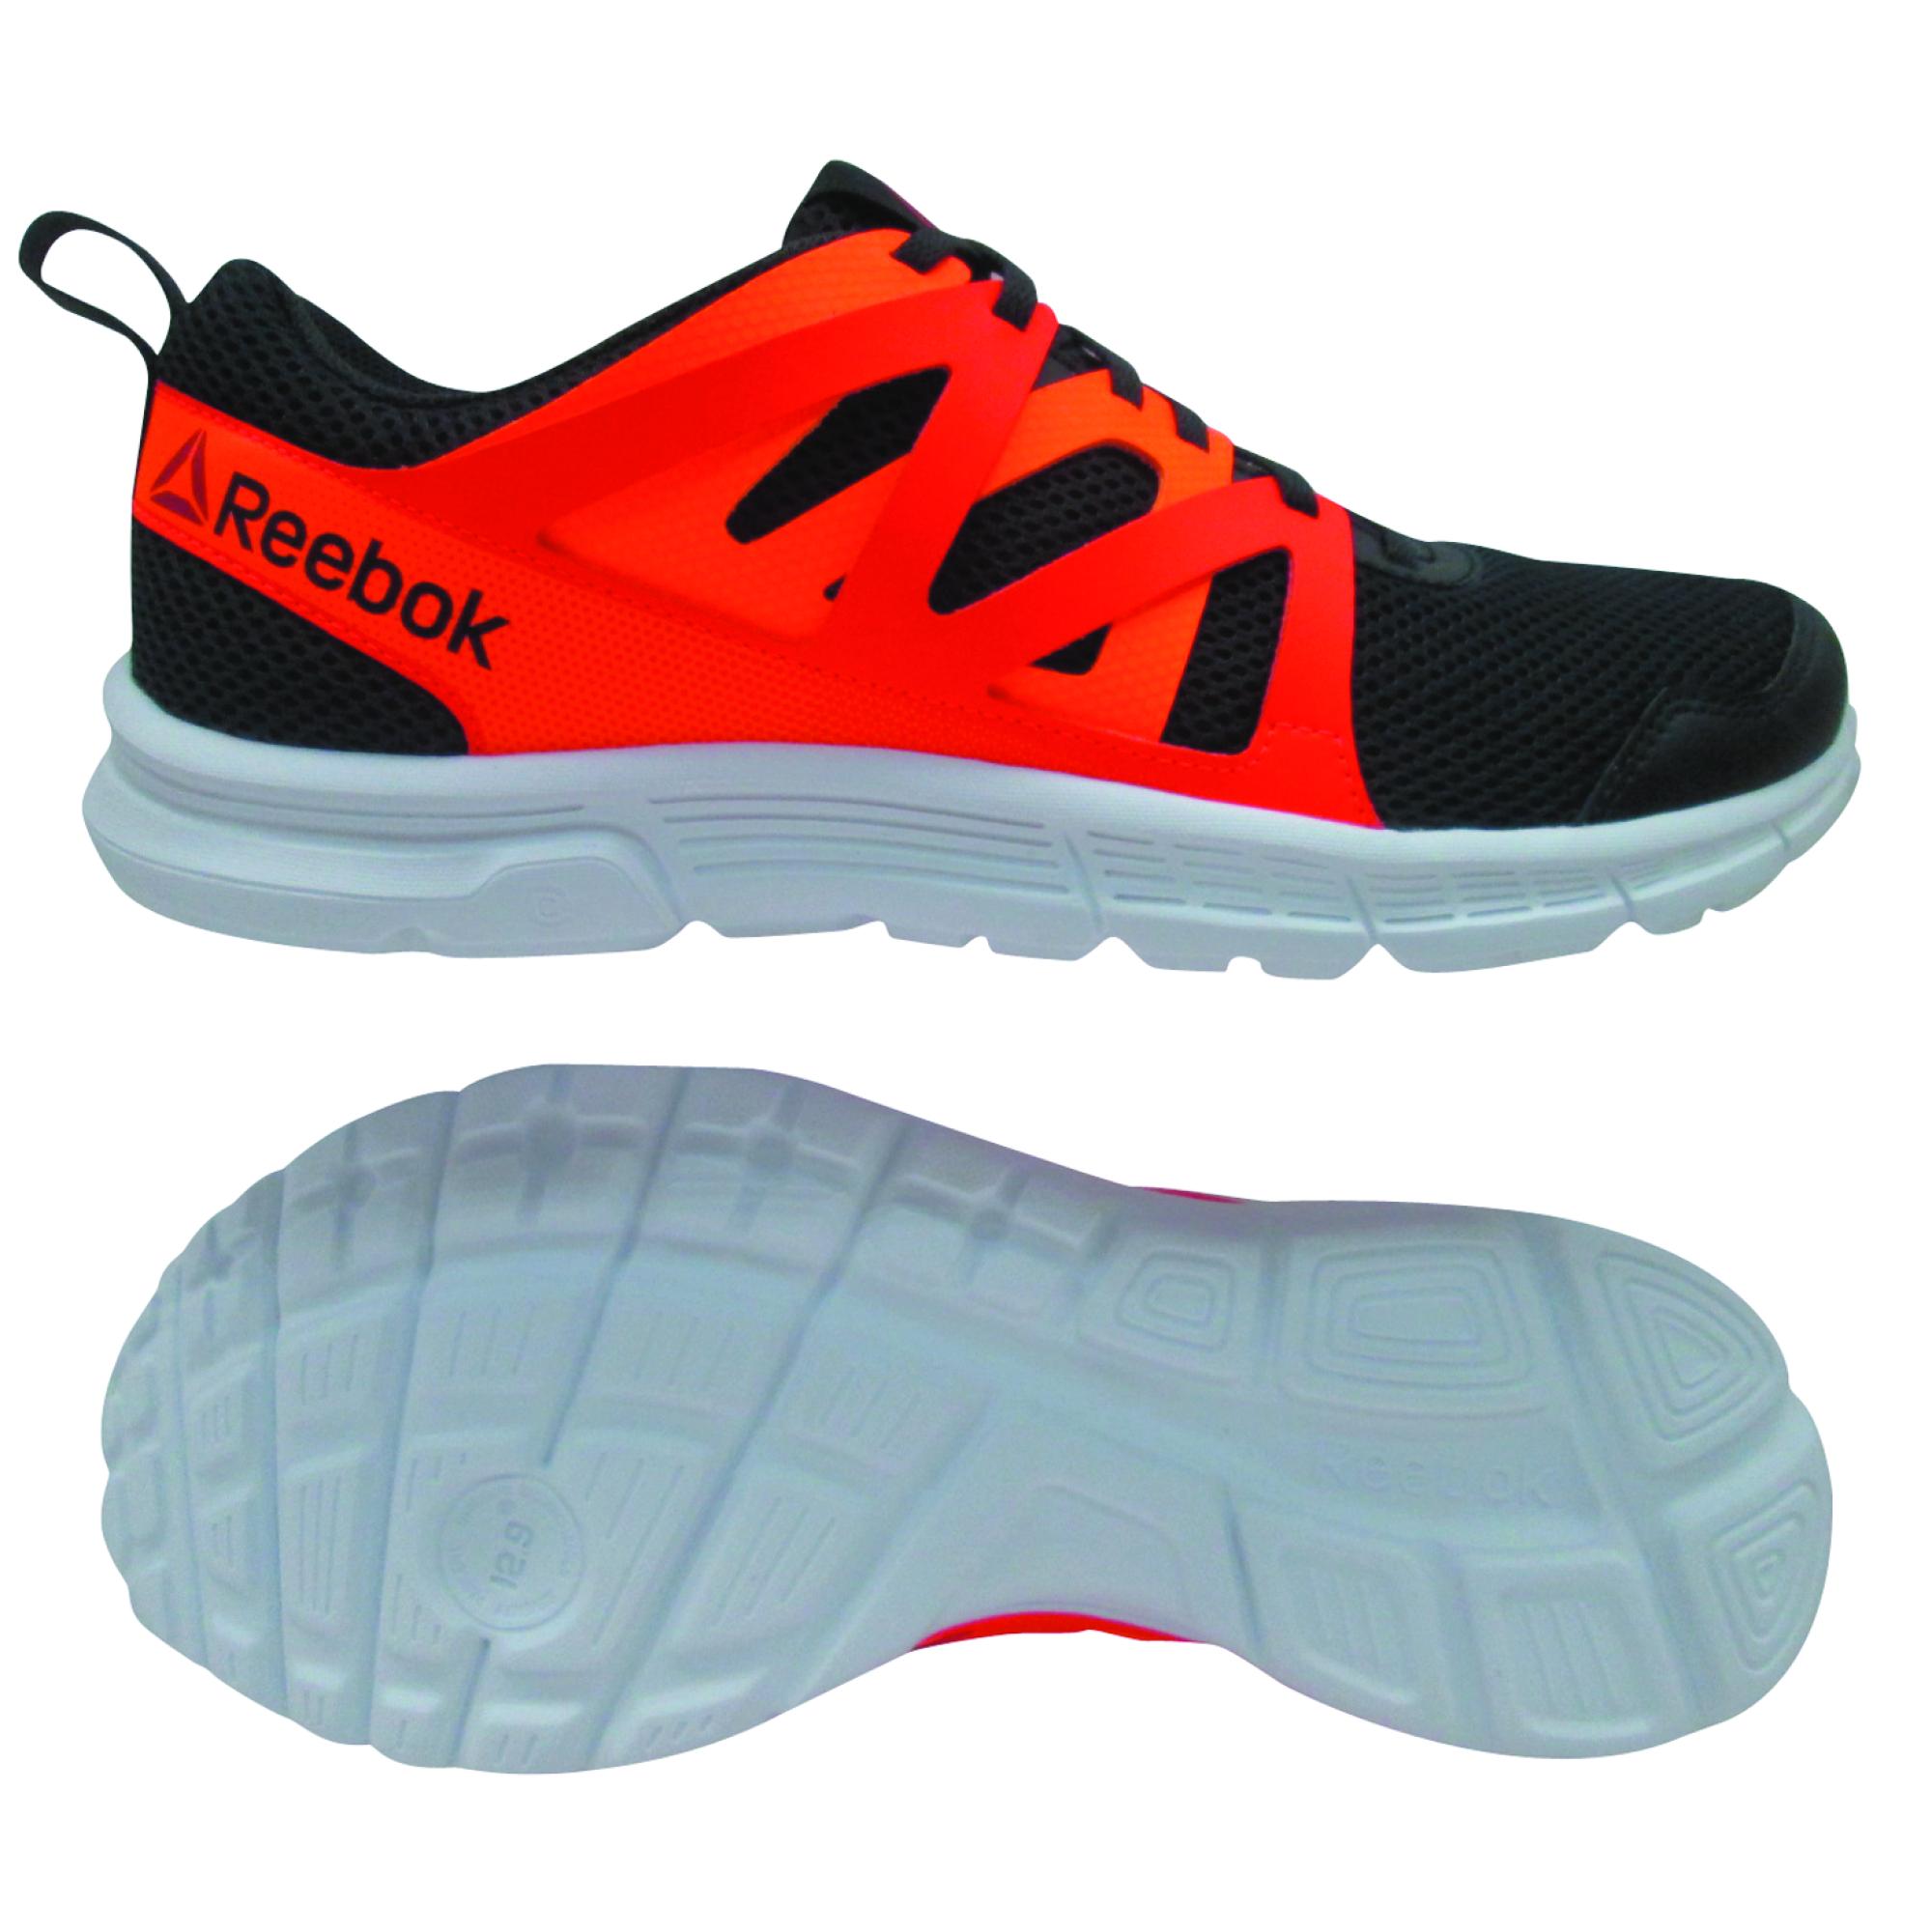 Reebok Run Supreme 2.0 V71914 Férfi Futó Cipő  0b300ba59b